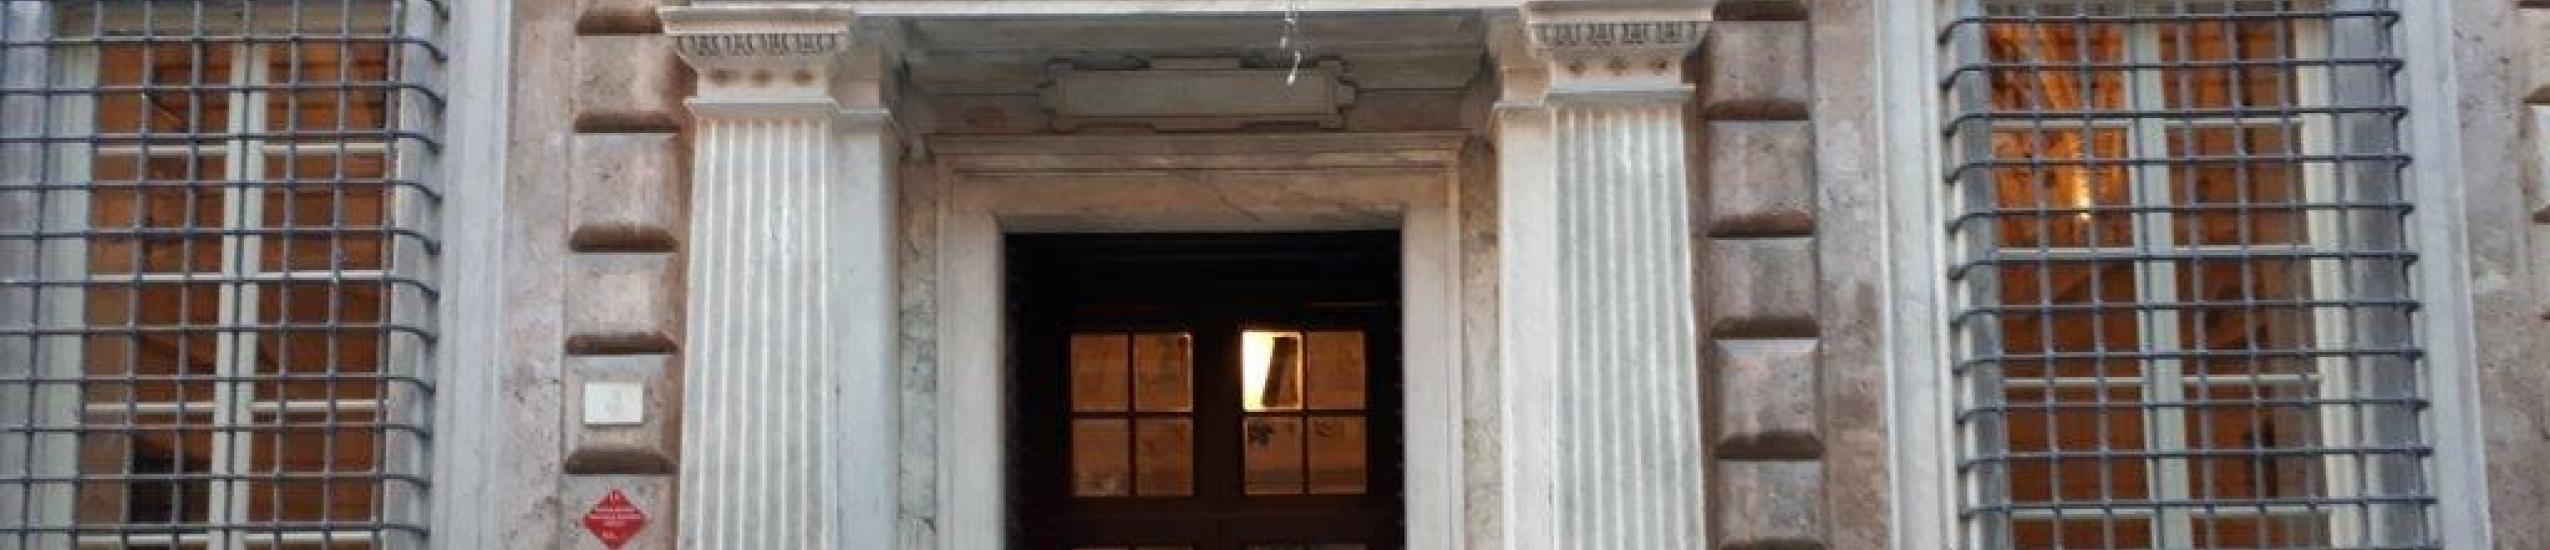 Ingresso del Palazzo della Camera di Commercio di Genova